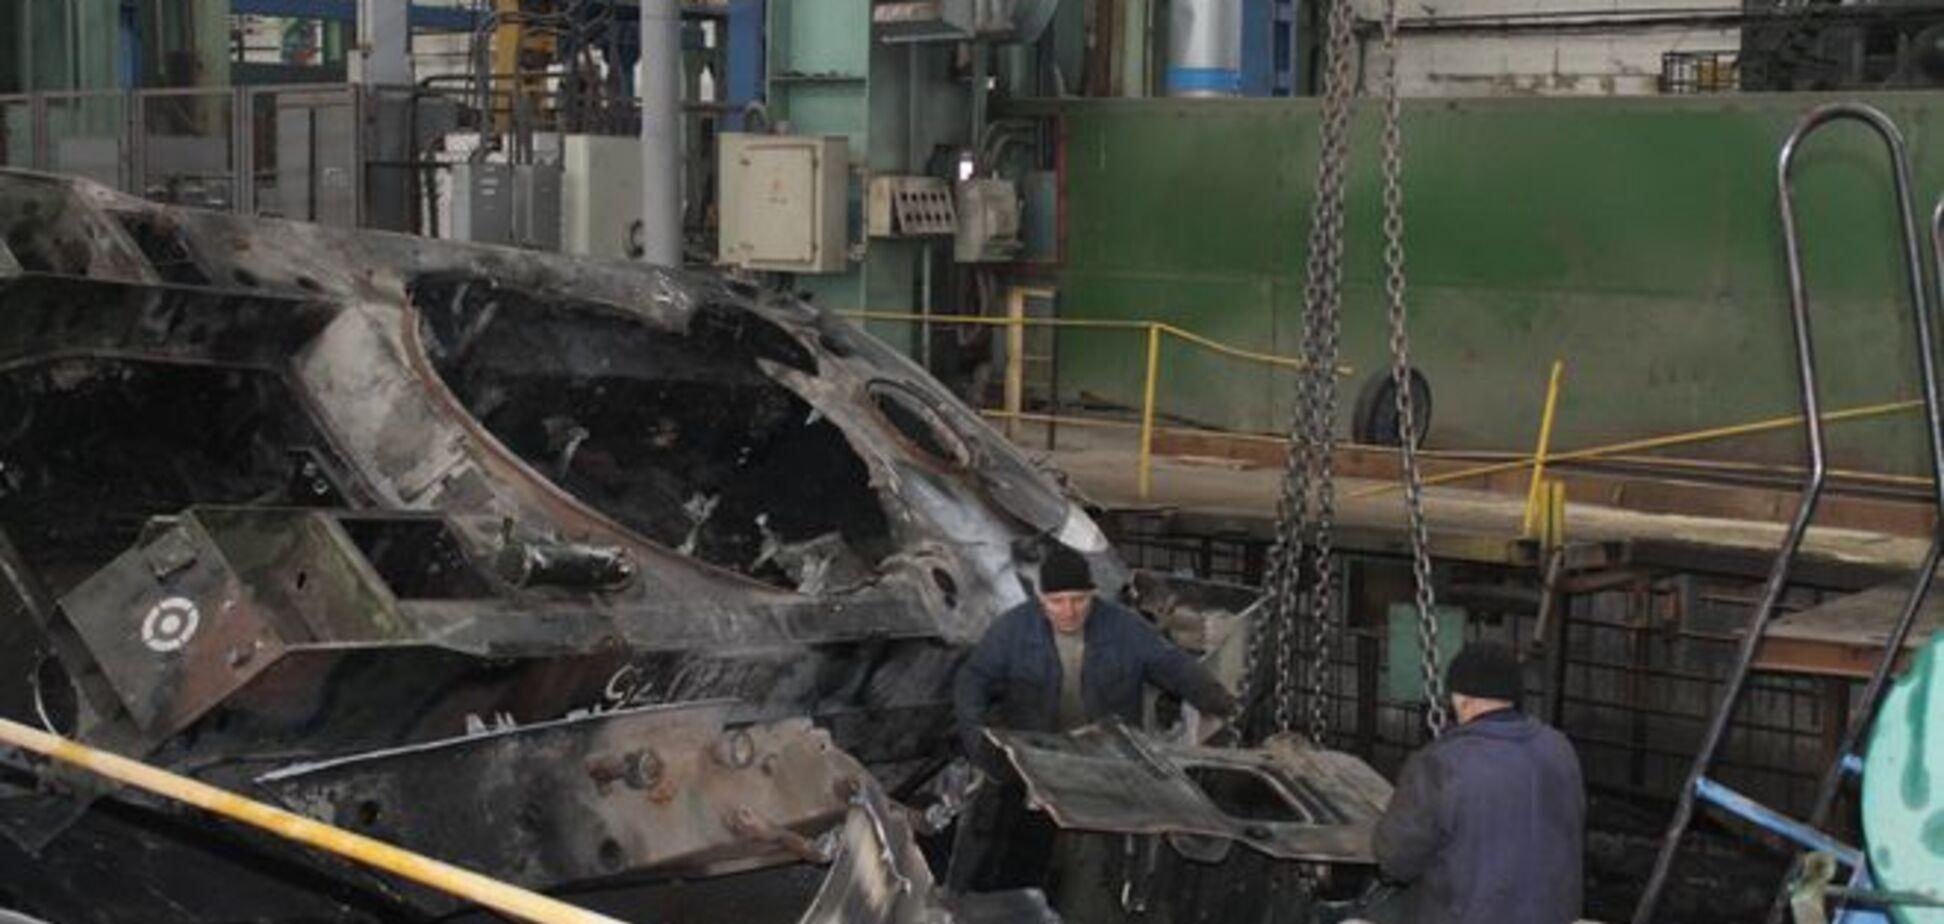 Журналист рассказал, как завод 'Донецкгормаш' чинит украинскую бронетехнику во благо 'Новороссии'